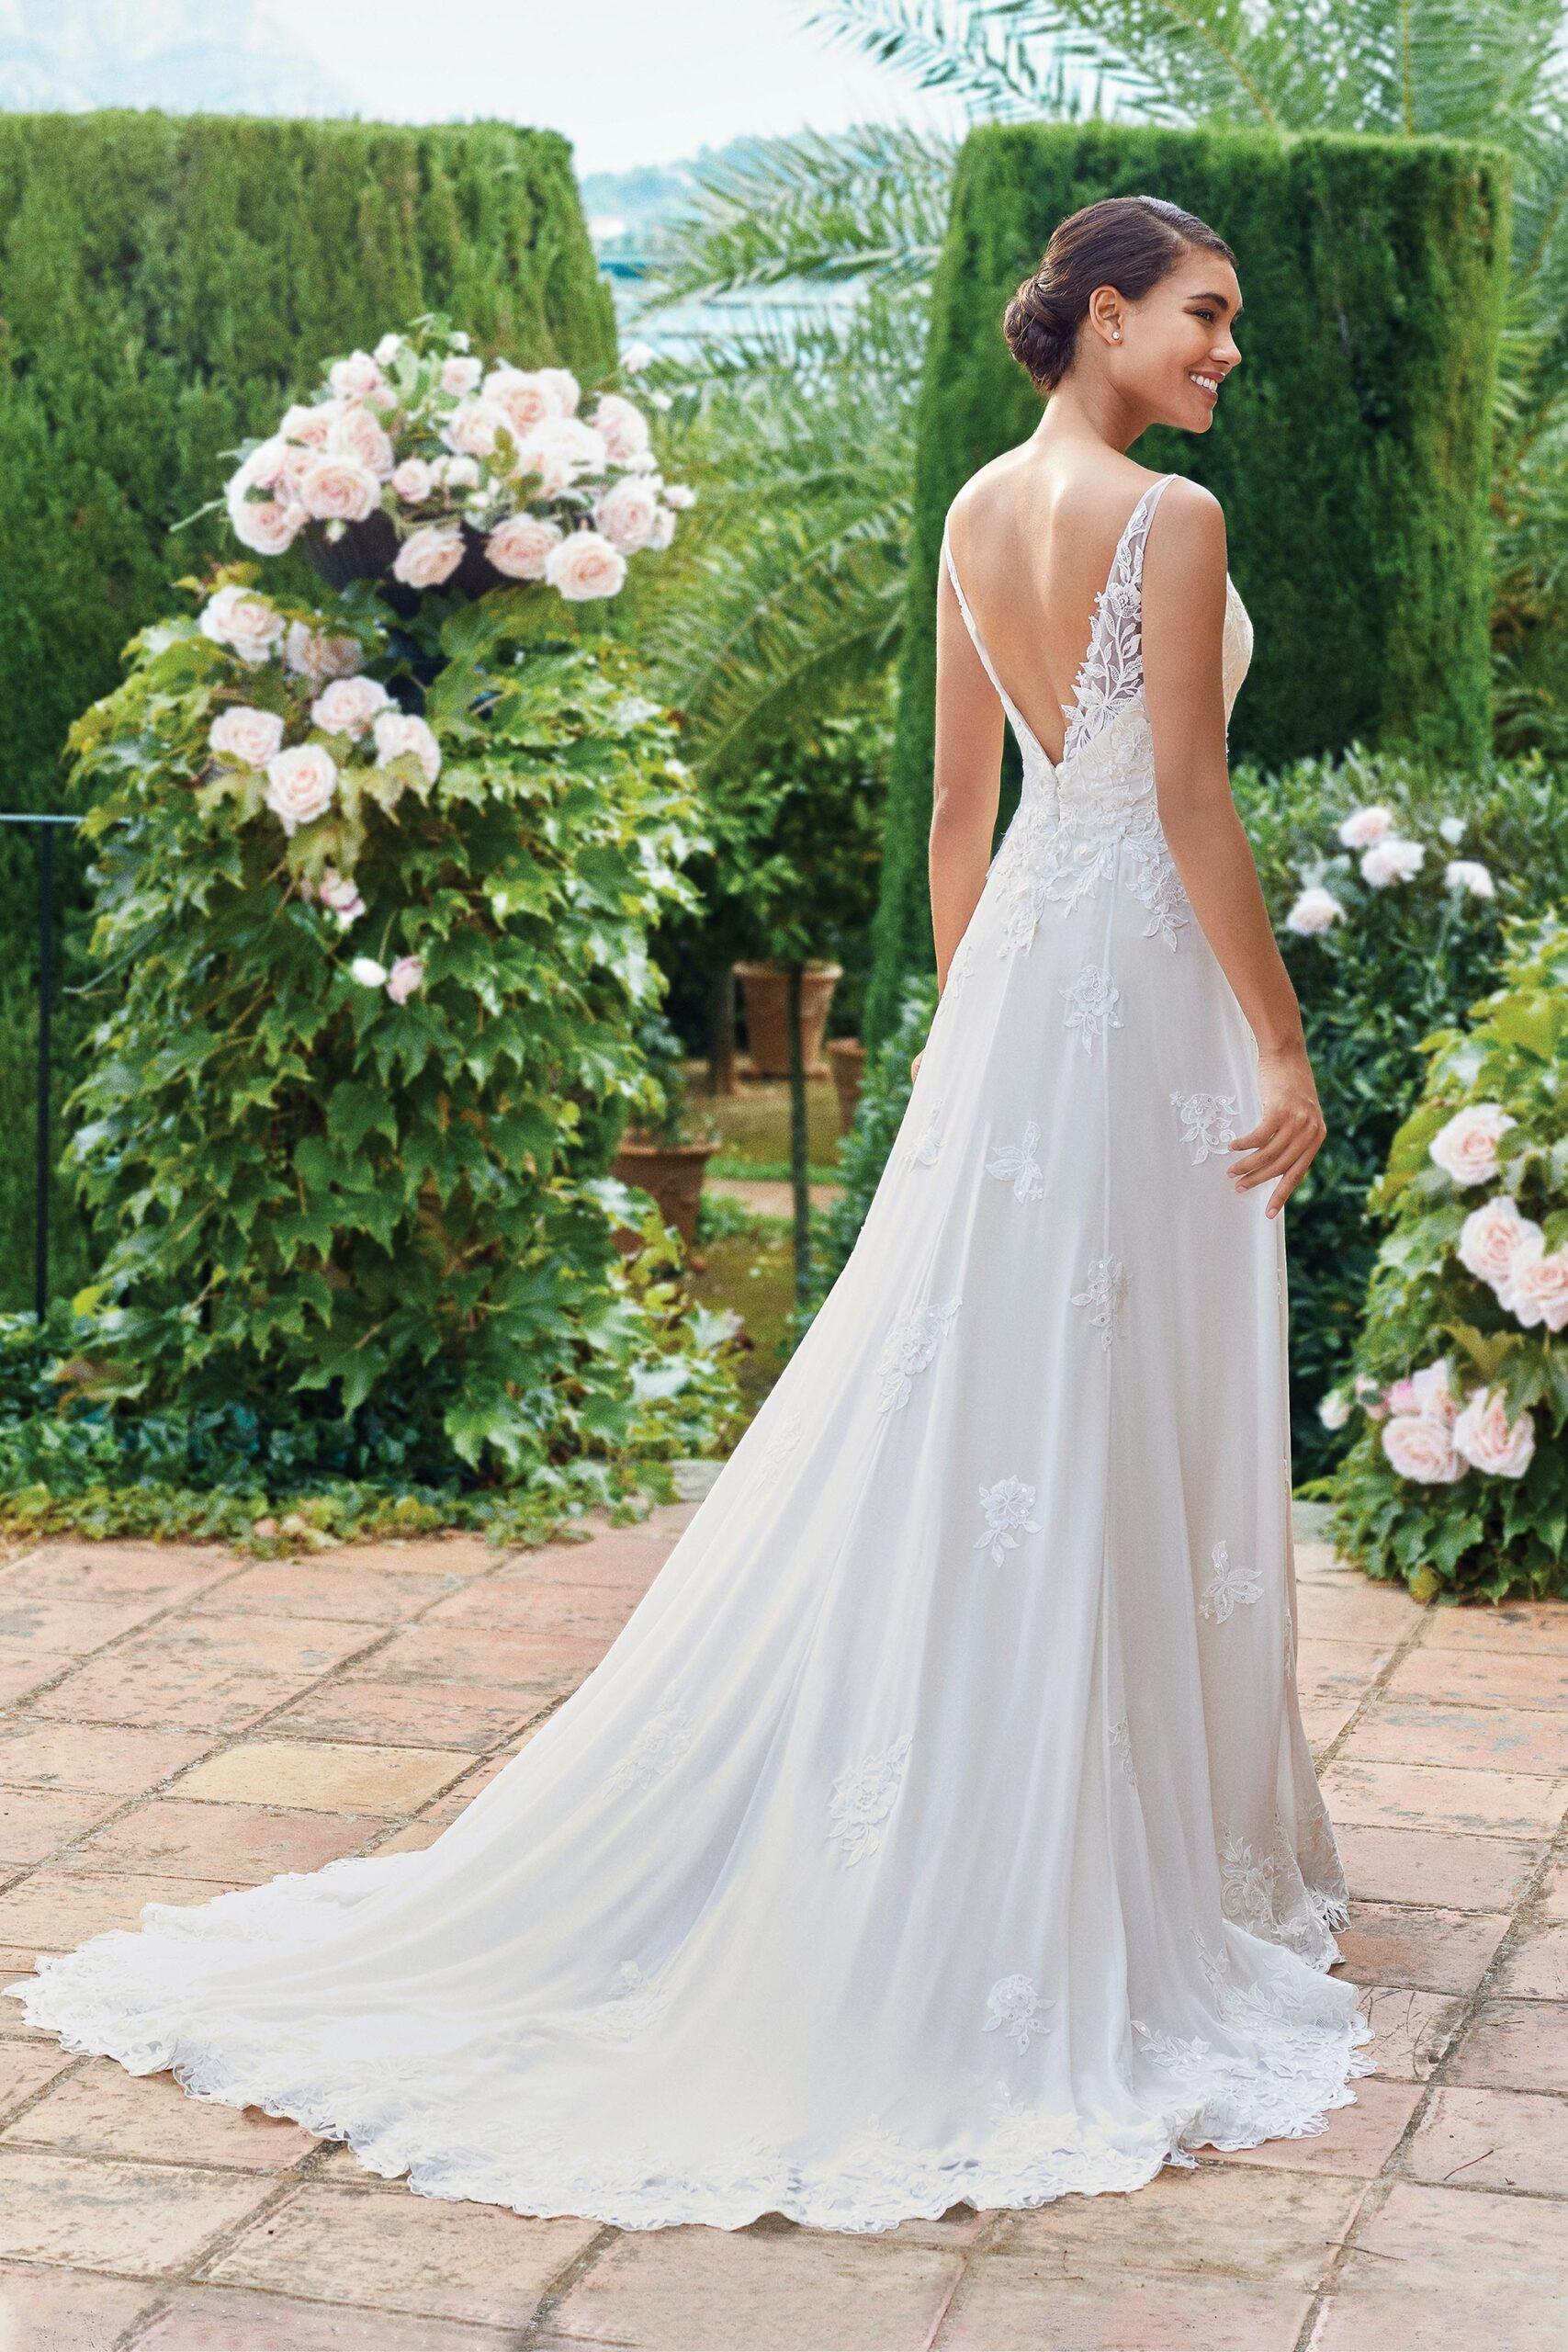 44216_FB_Sincerity-Bridal